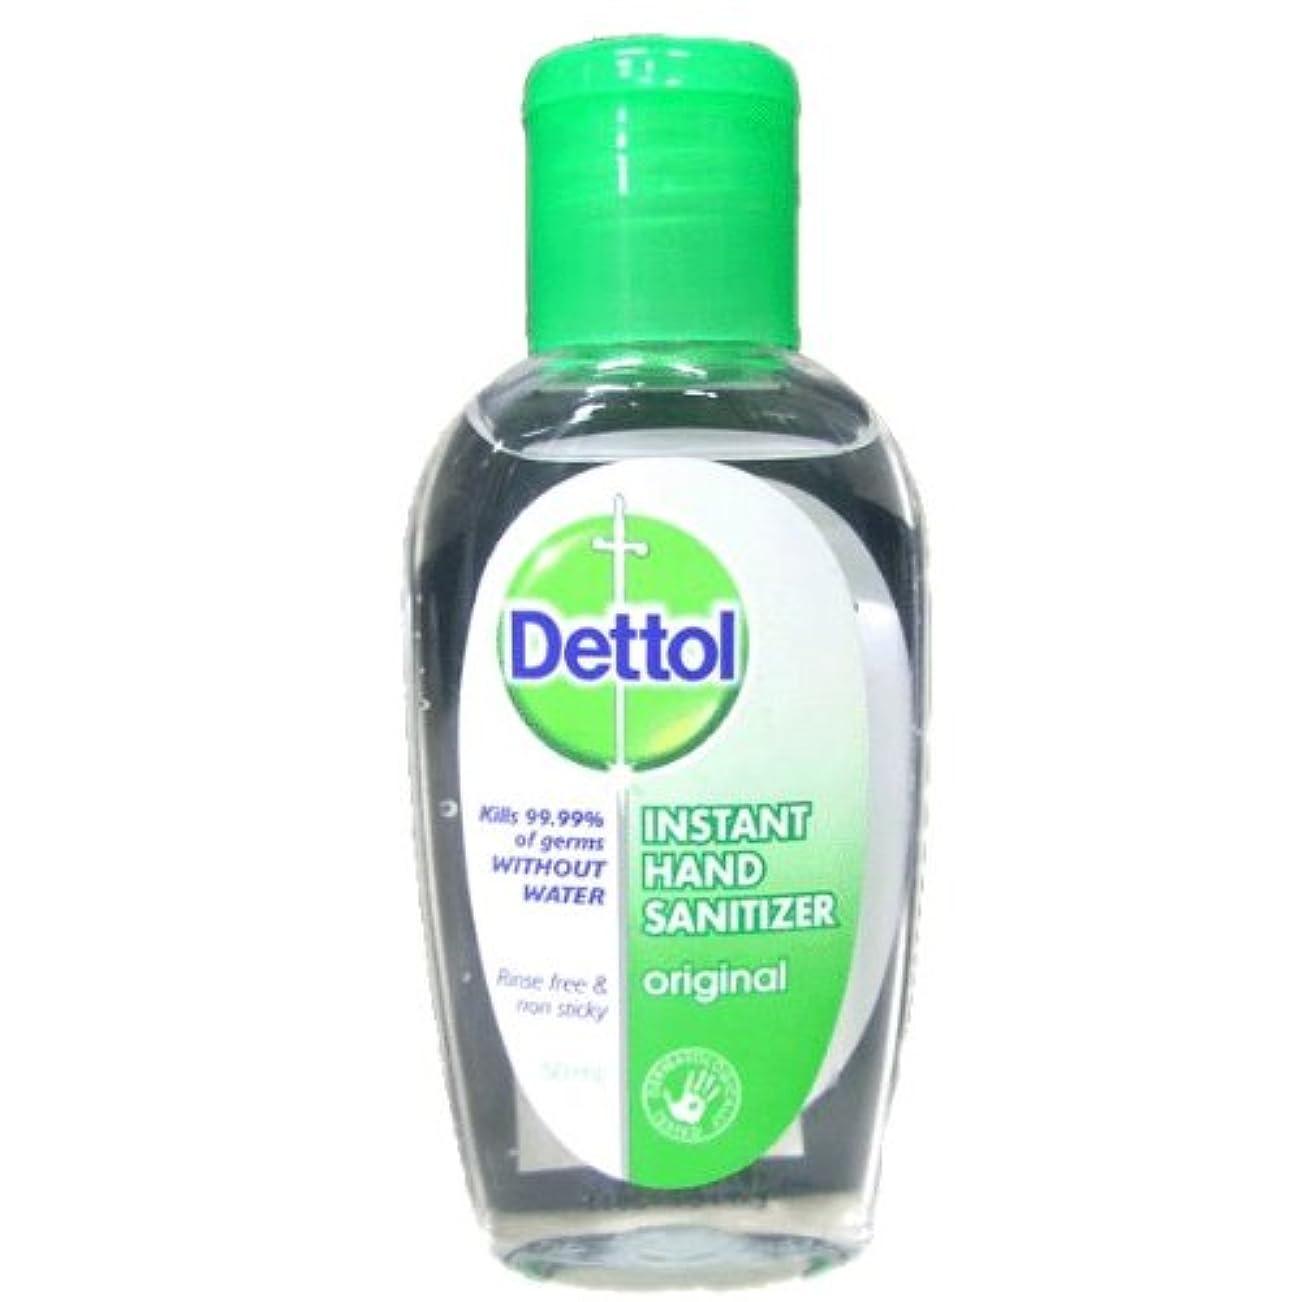 害虫ハチ抜け目がないDettol instant hand sanitizer